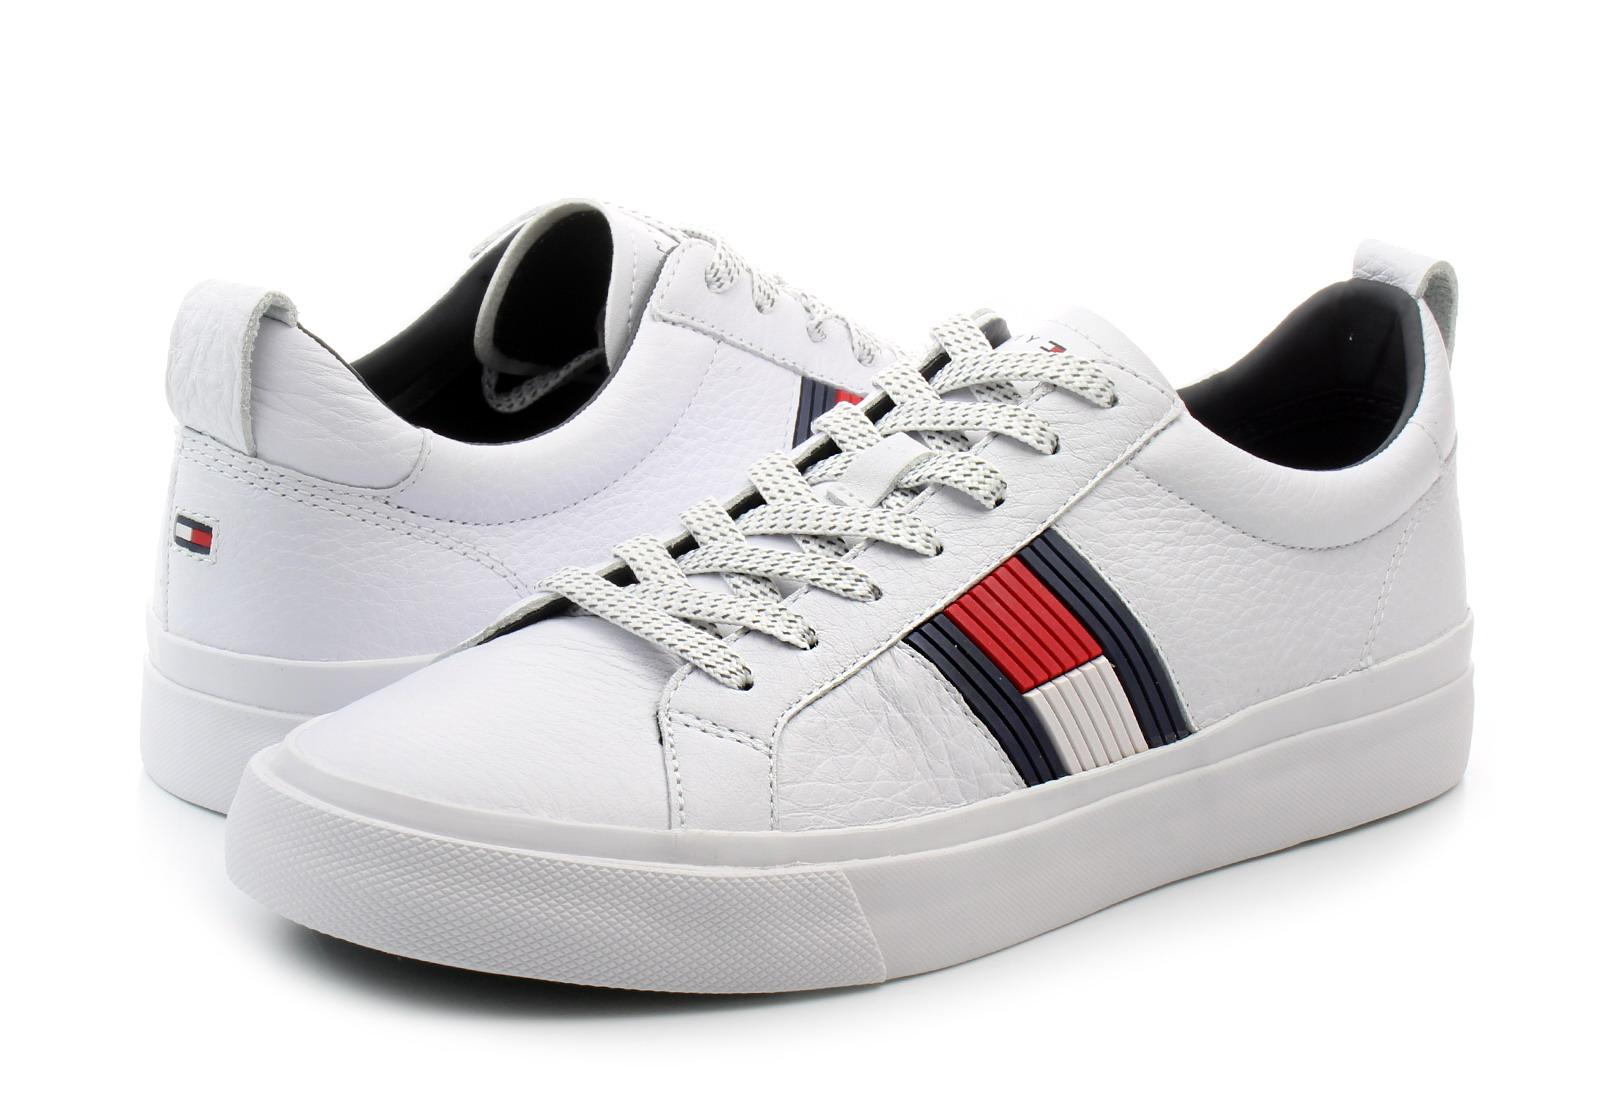 8409dd80da Tommy Hilfiger Cipő - Leon 5a - 18F-1712-100 - Office Shoes Magyarország